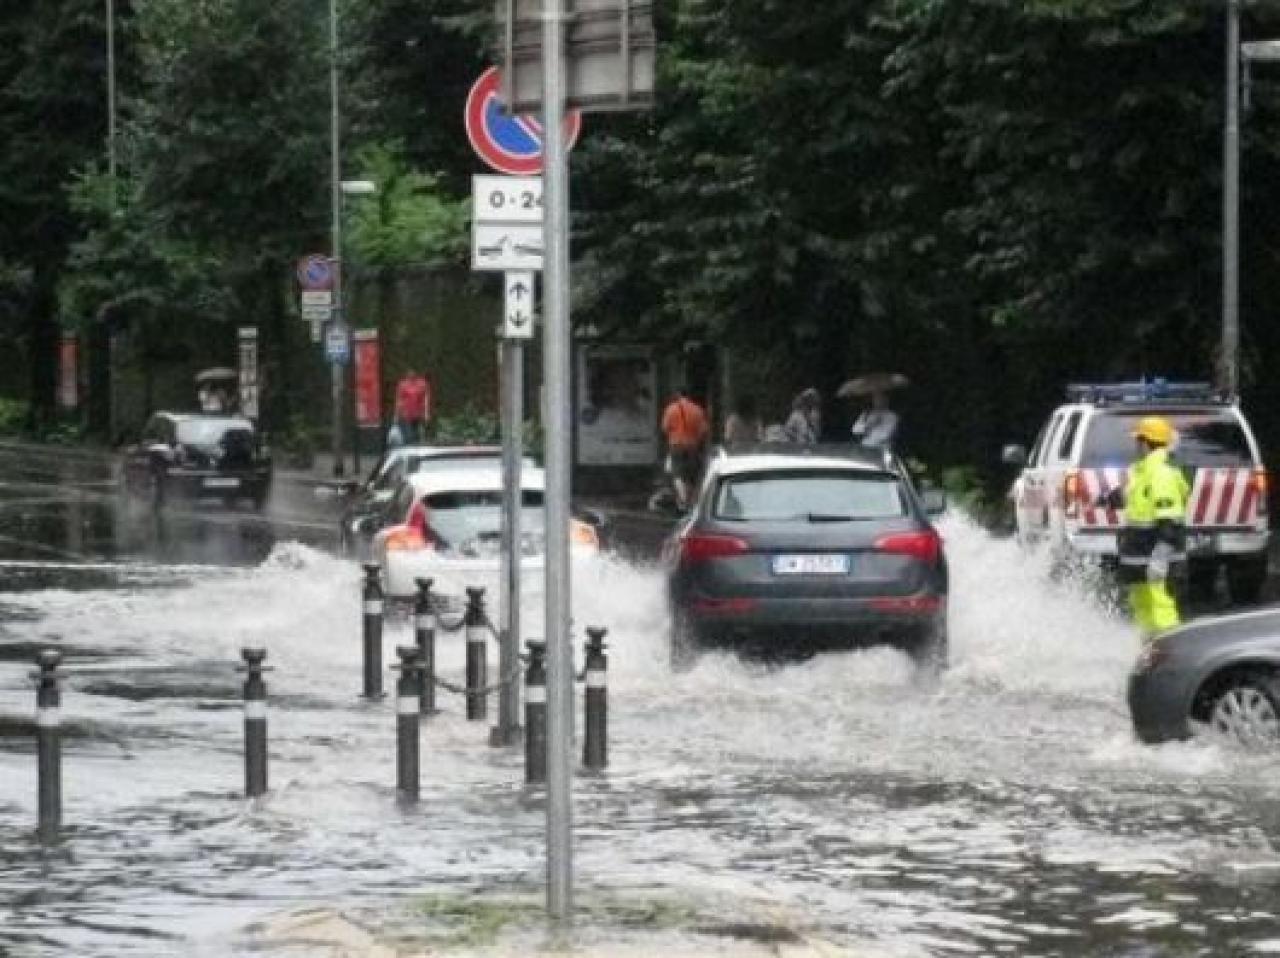 CRONACA METEO. Ancora piogge battenti su parte d'Italia, criticità in Sardegna. Prossime ore